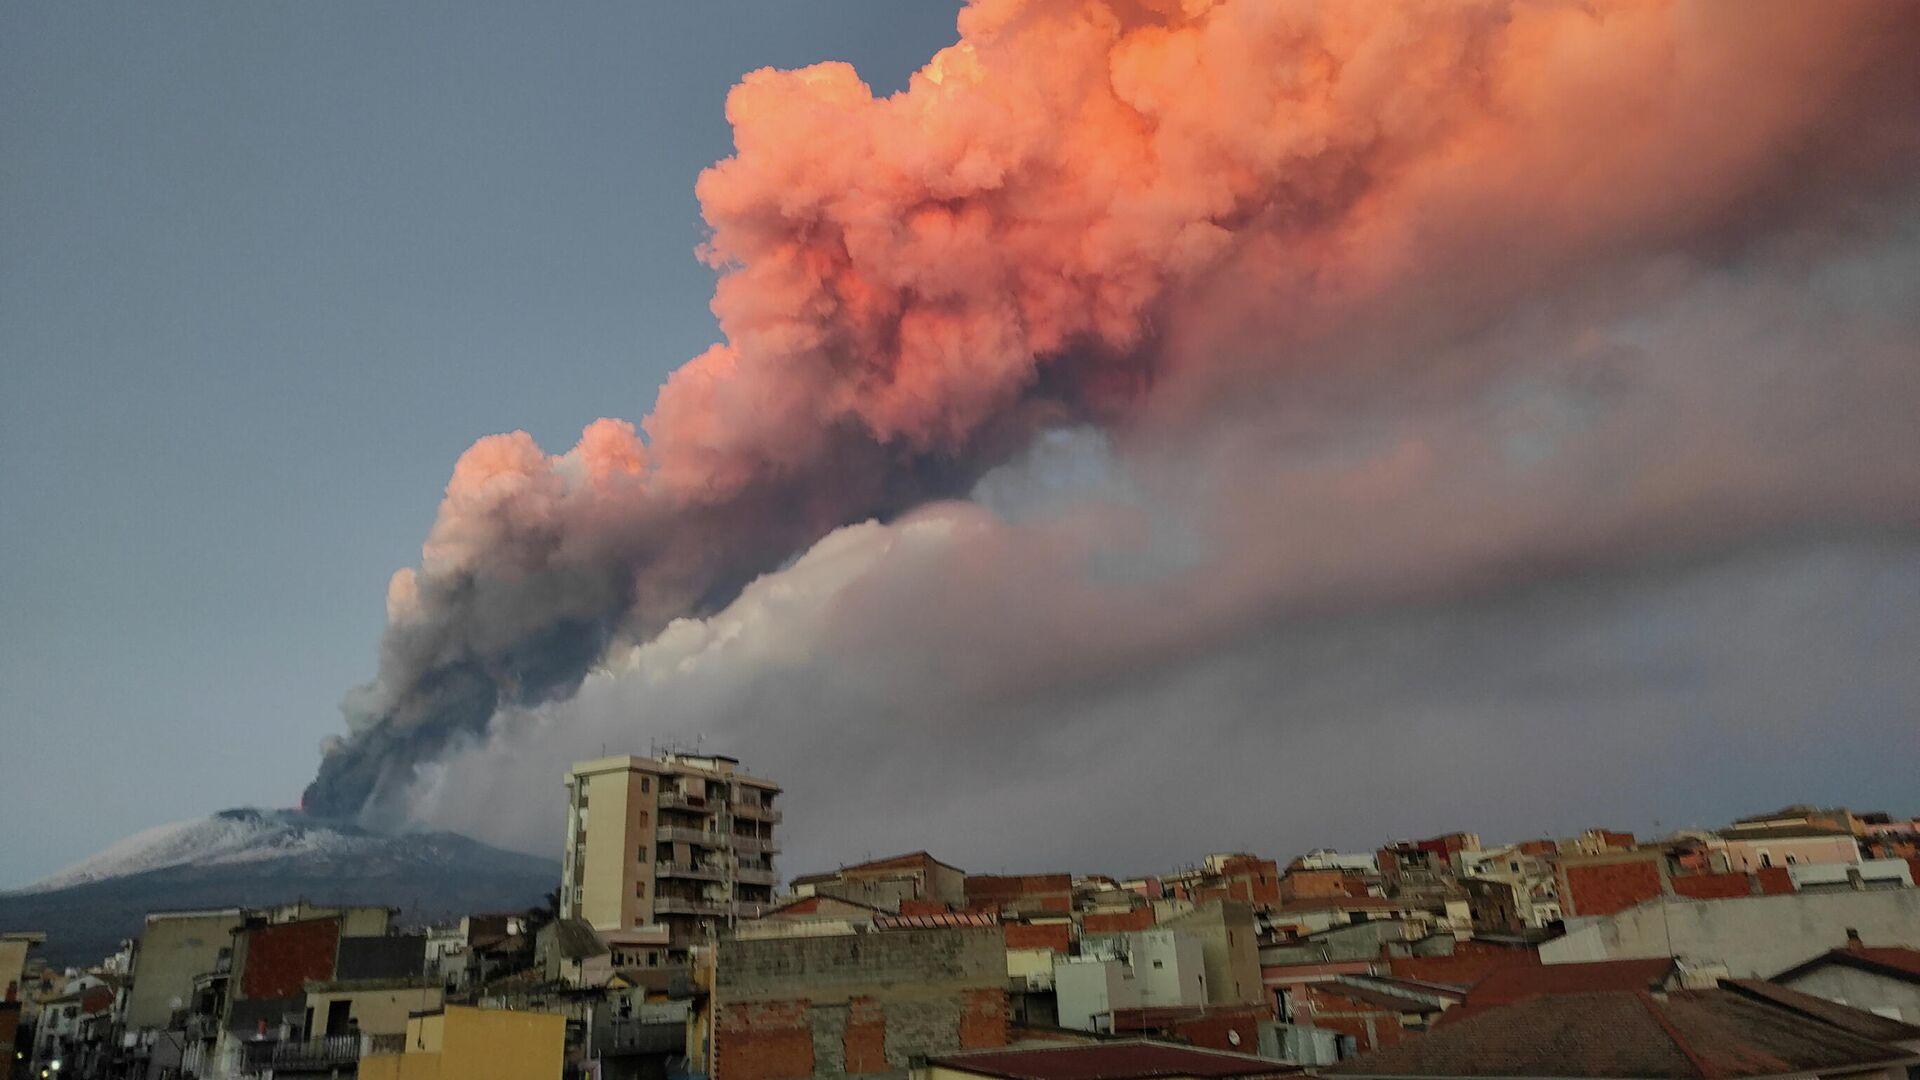 Извержение вулкана Этна на восточном побережье Сицилии, Италия. 16 февраля 2021 - РИА Новости, 1920, 17.02.2021